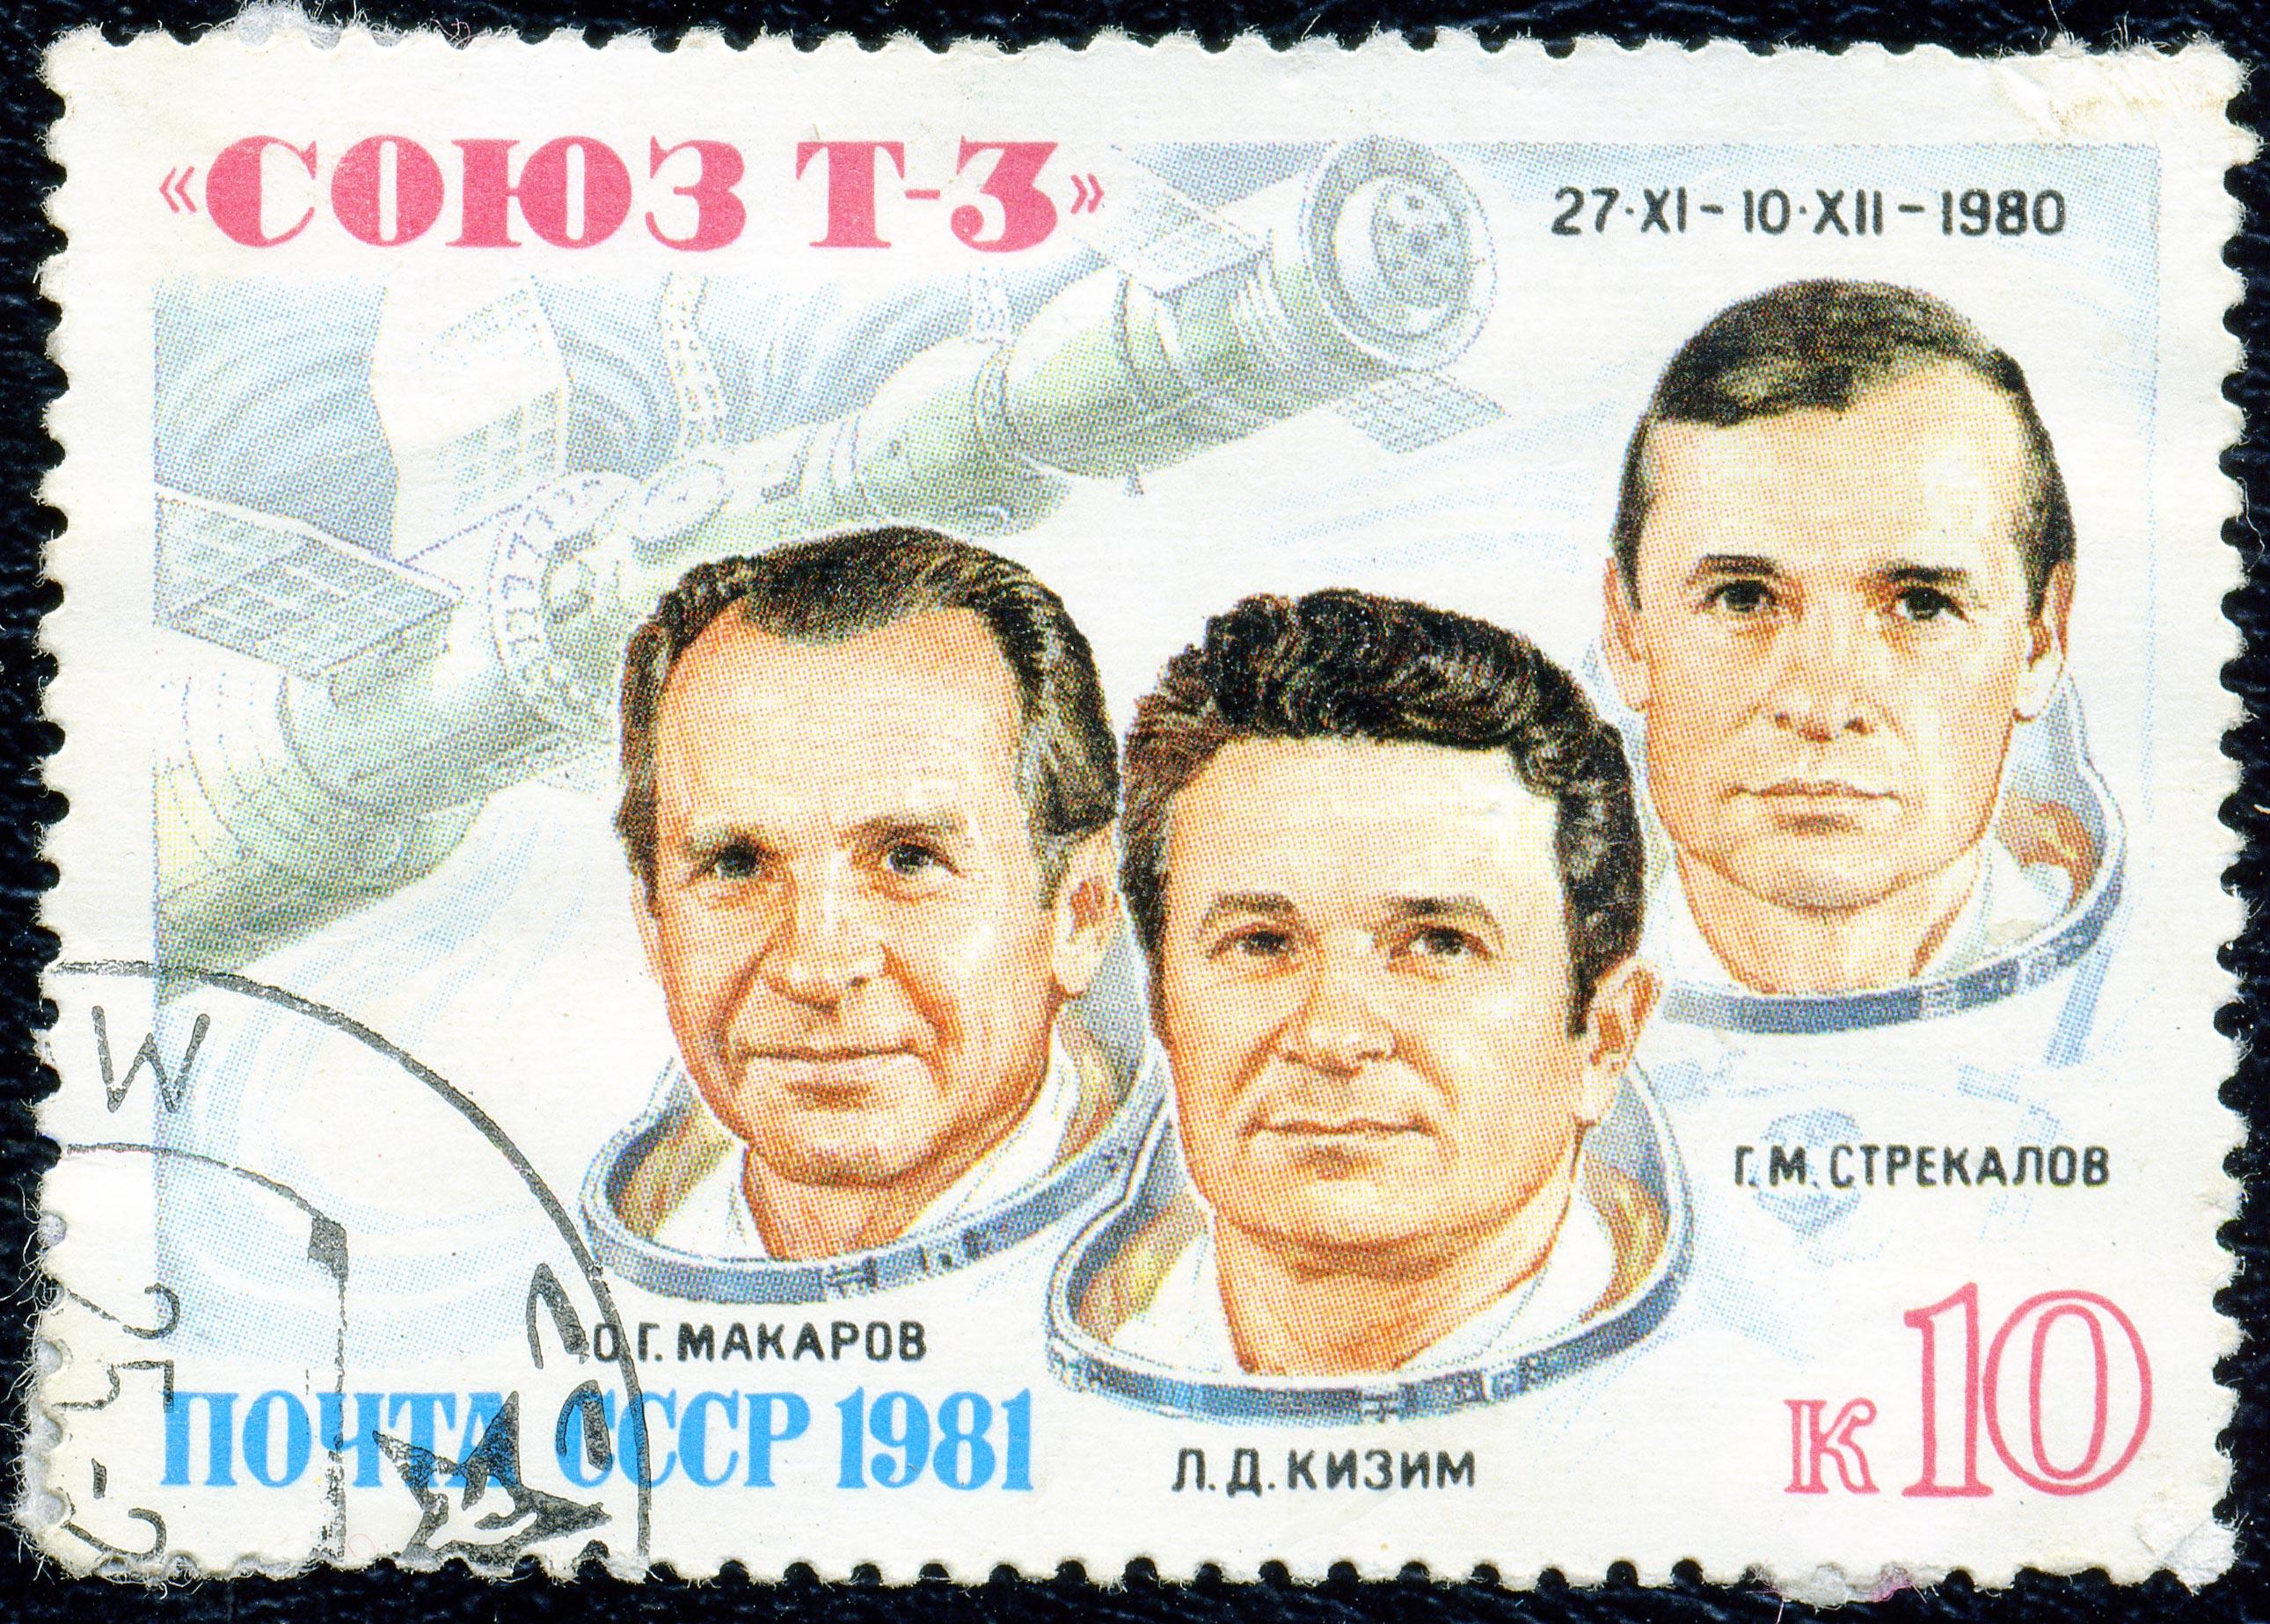 1981._Союз_Т-3,_Макаров,_Кизим,_Стрекалов